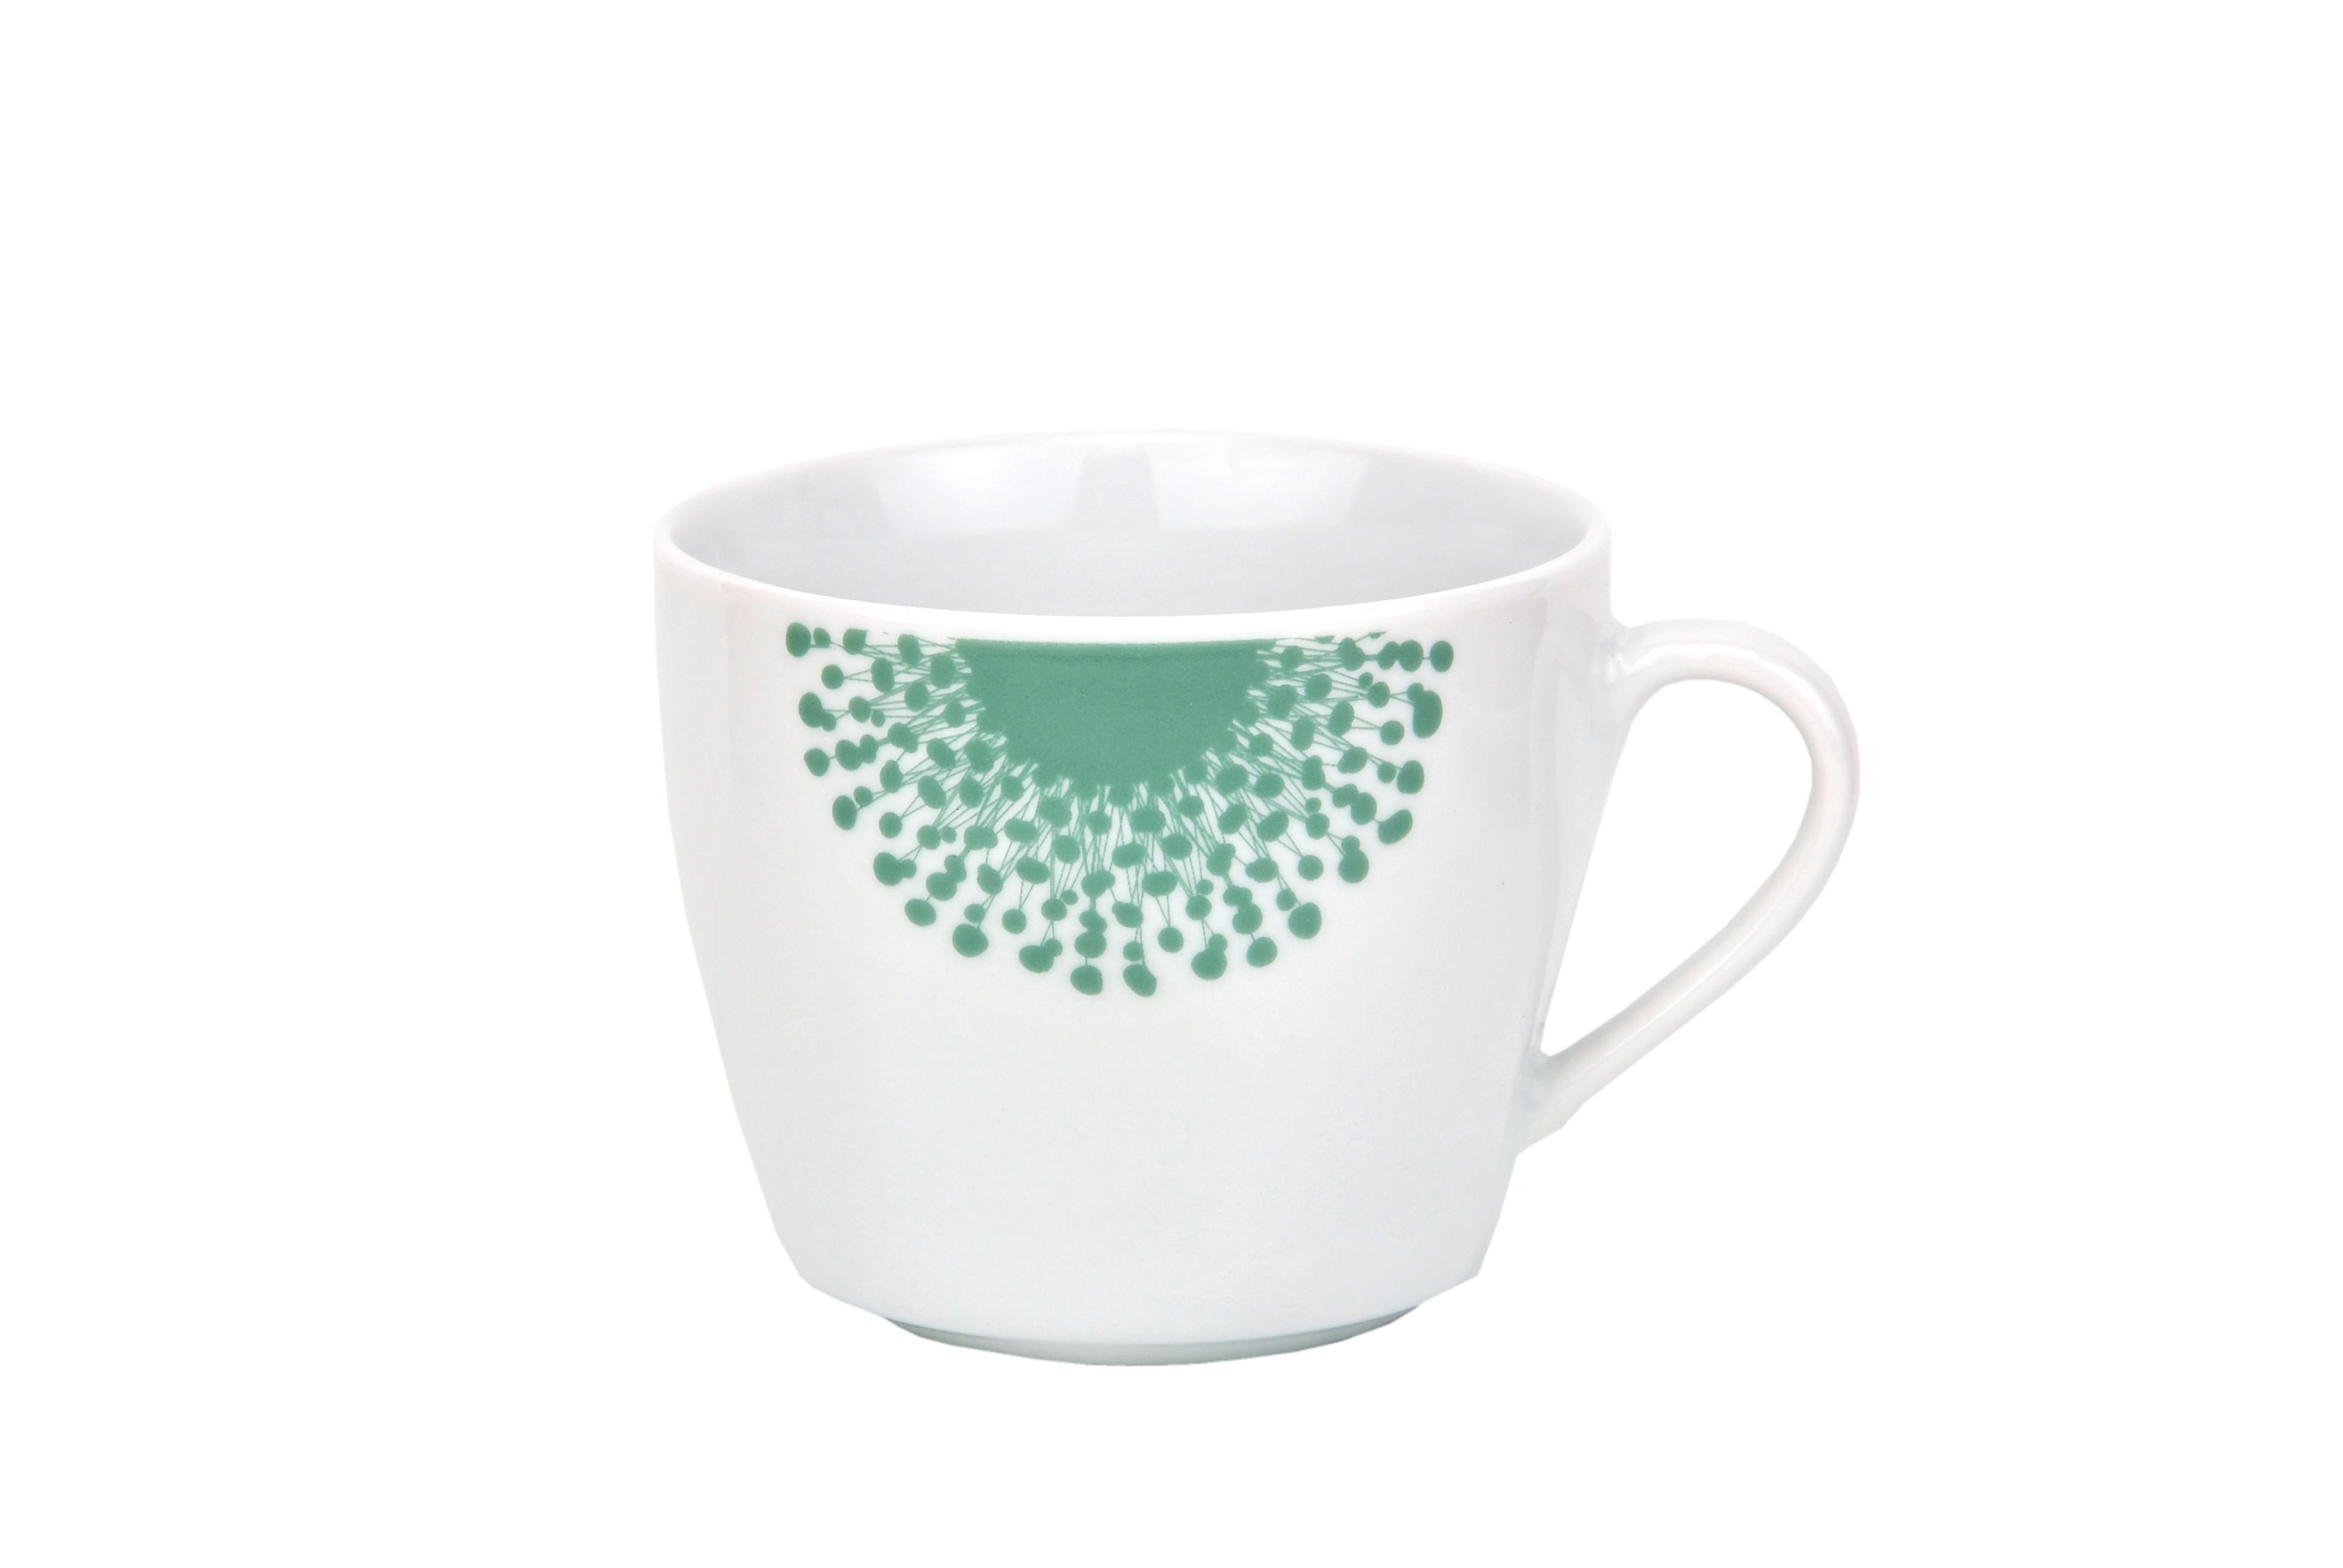 kaffeetasse mit untertasse modena pusteblume porzellan tassen und becher. Black Bedroom Furniture Sets. Home Design Ideas